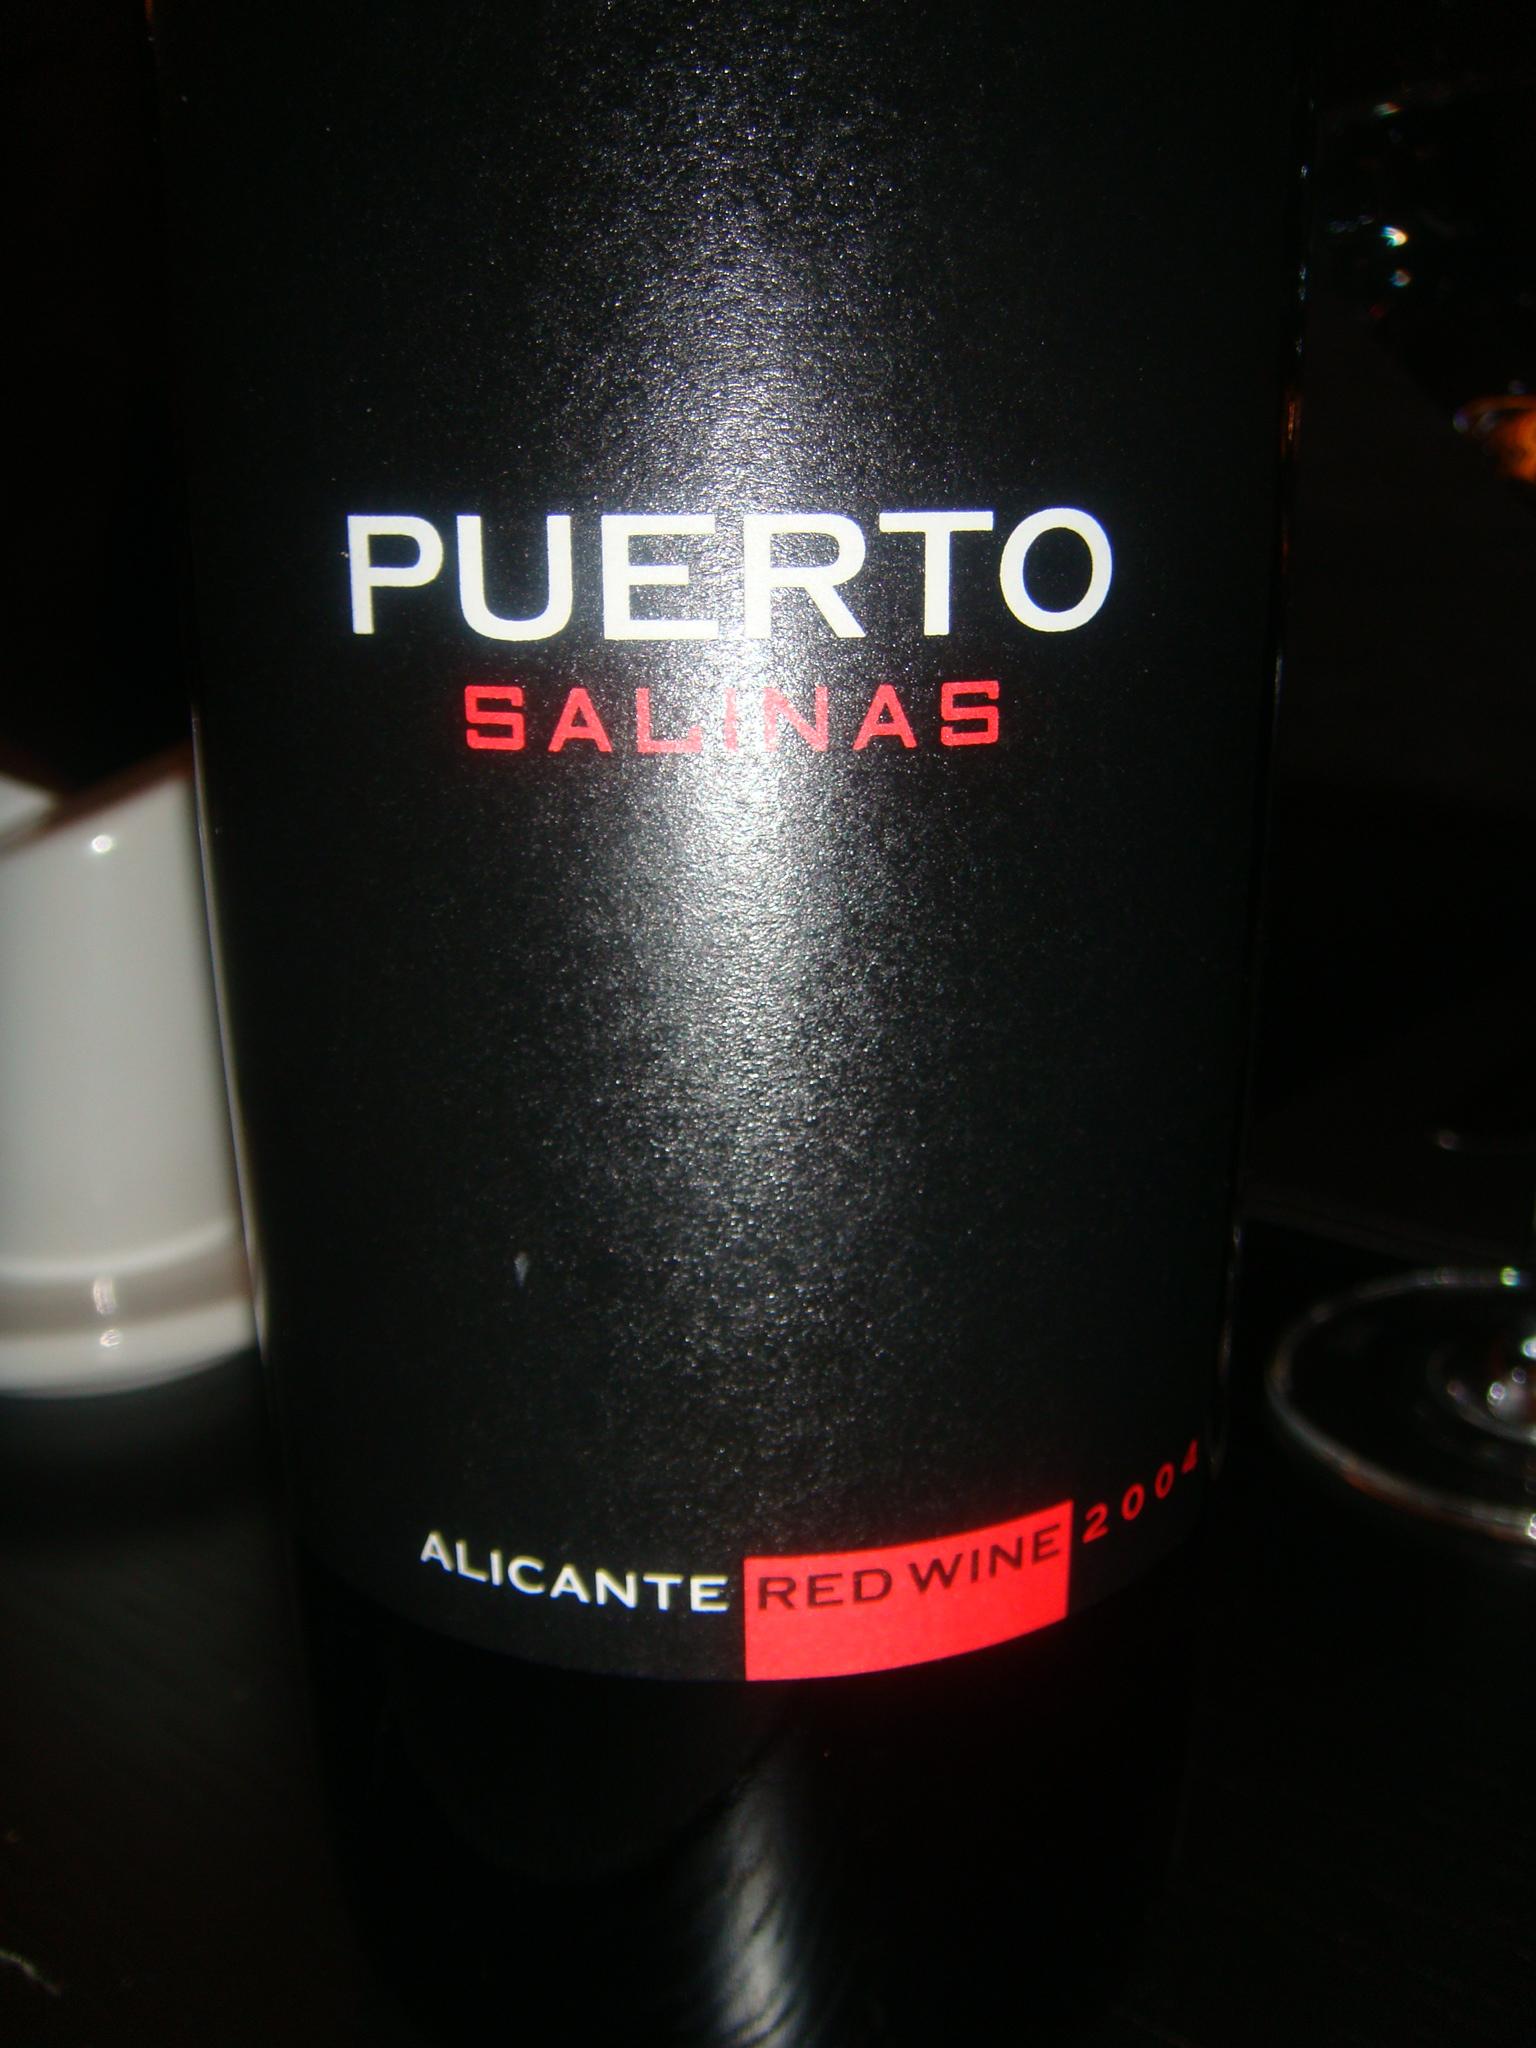 Vino Puerto Salinas 2004